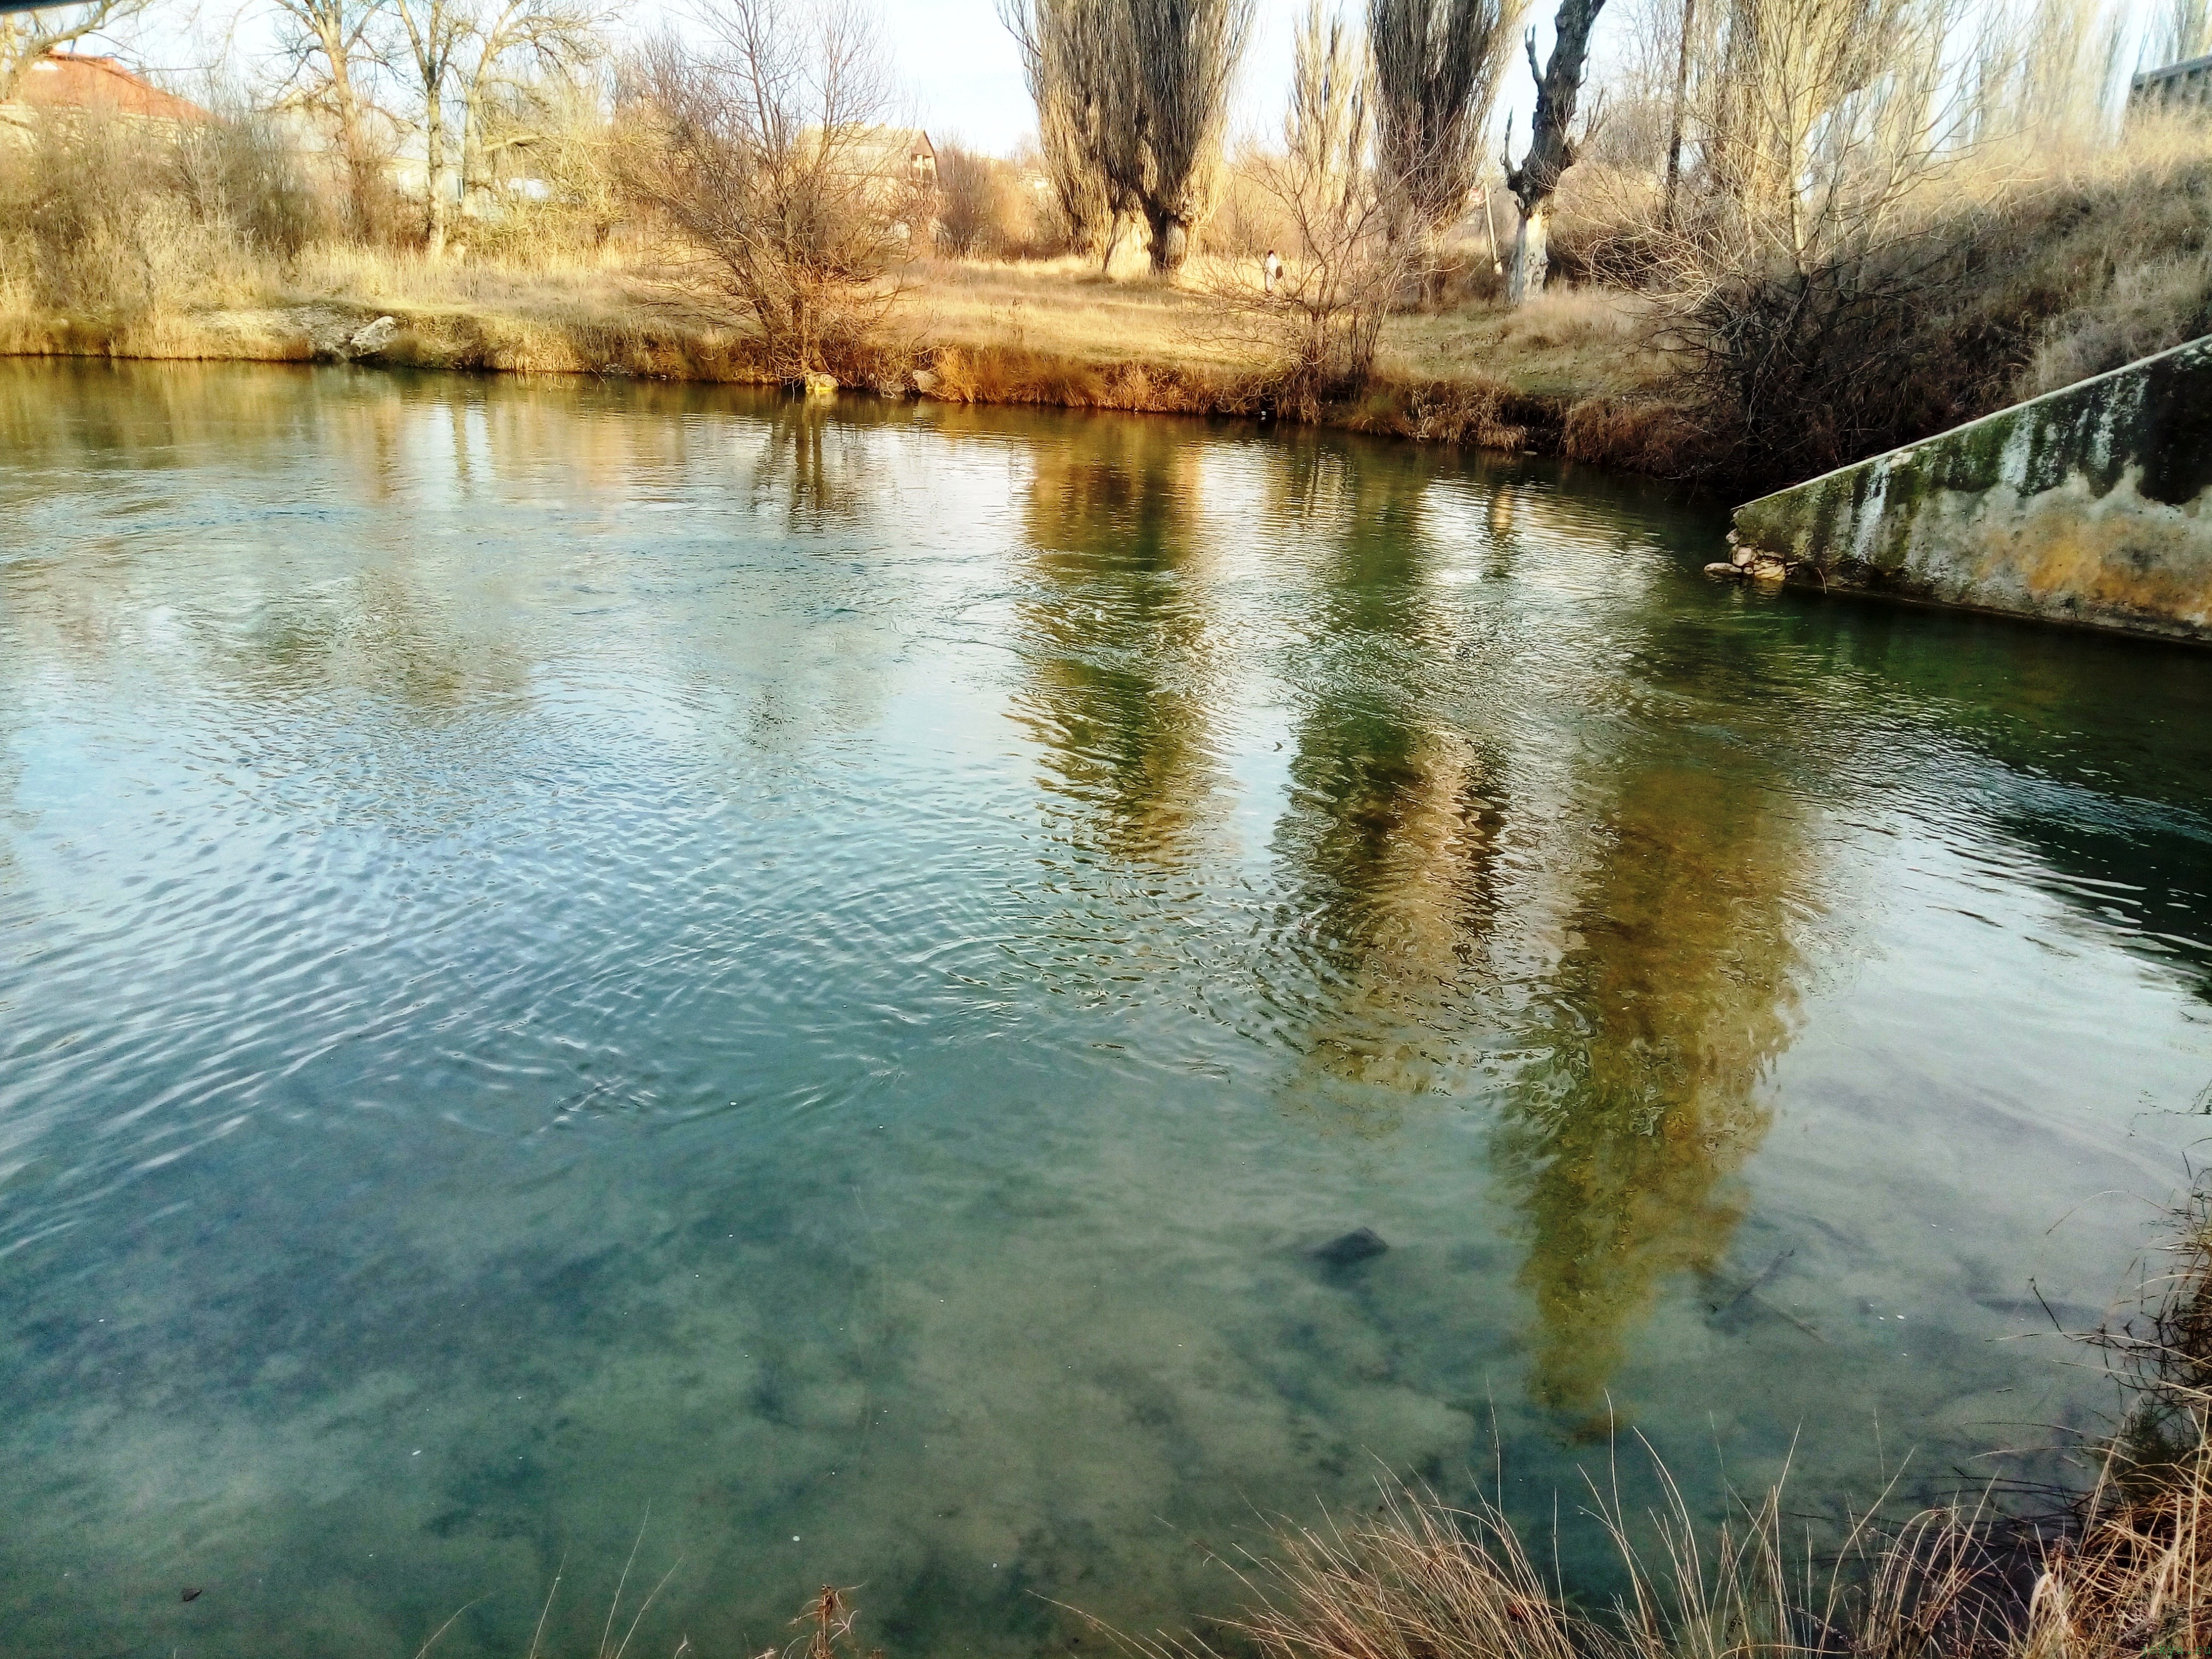 Прогулка на речку в поиске по клевок рыбы фото заметка из моей реальности в Крыму jokya.ru